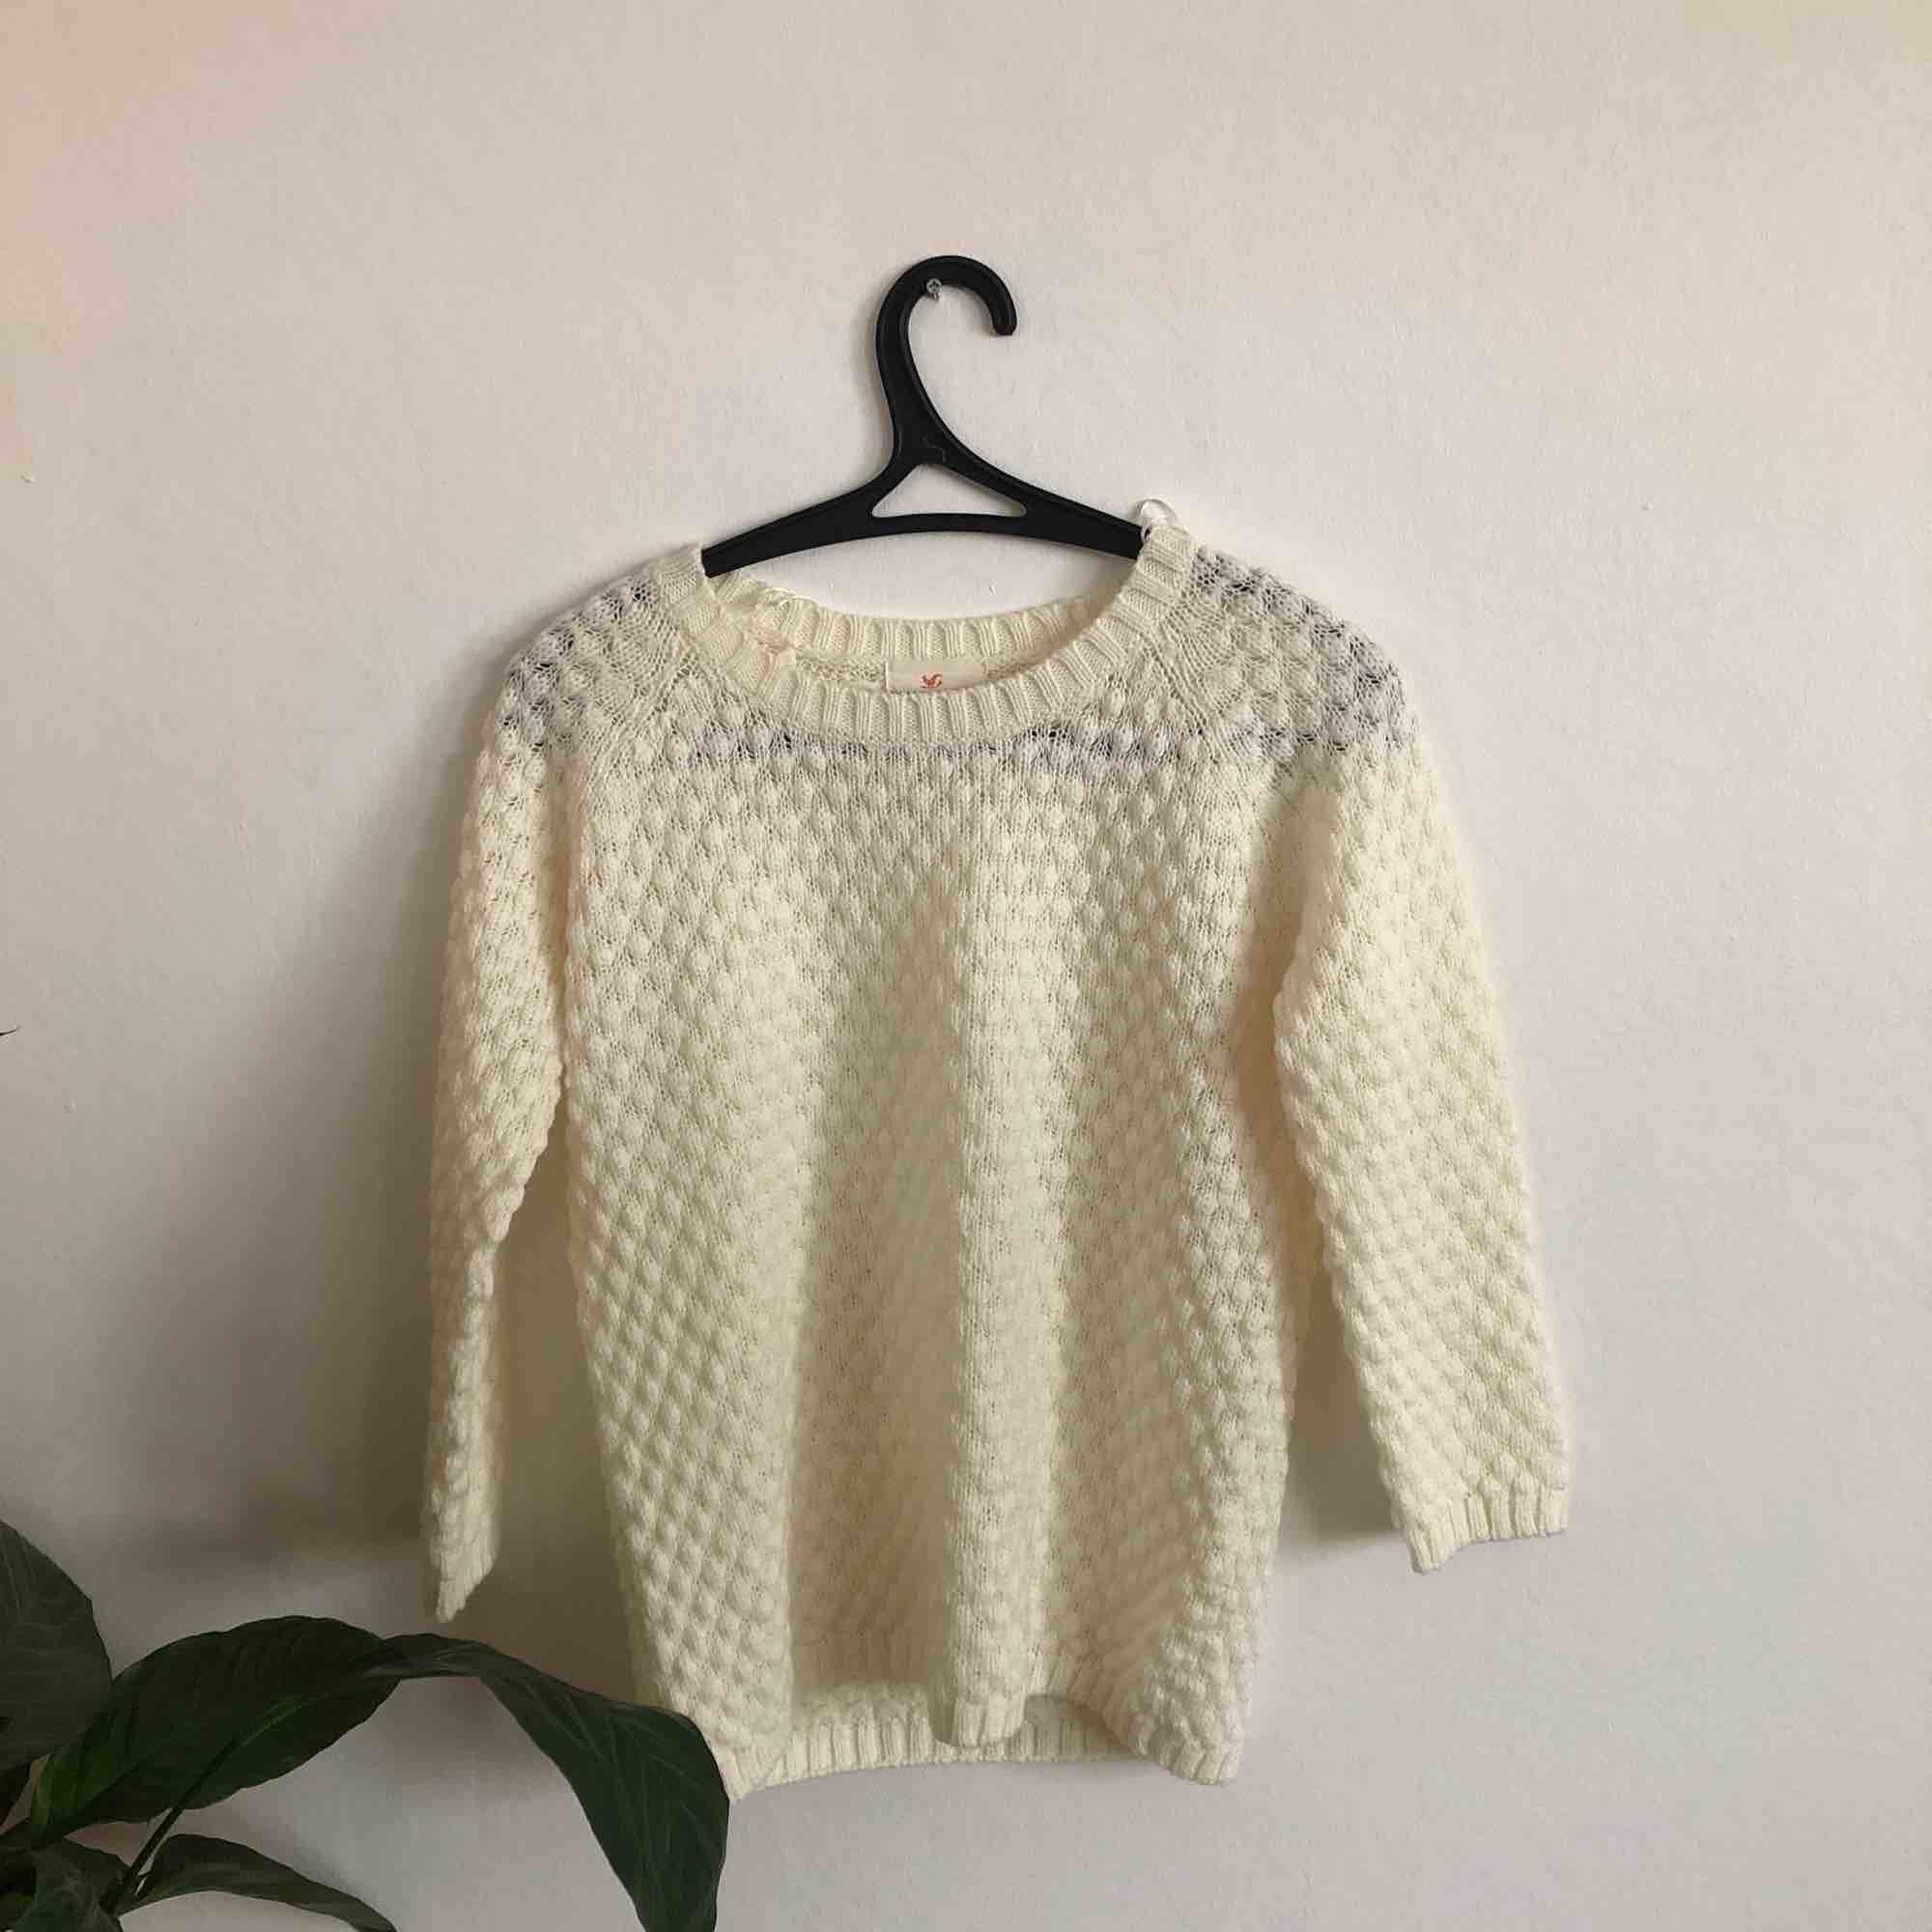 Stickad tröja från Holly & Whyte by Lindex. Den är jätteskön och i fint skick. Ärmarna har längden 3/4 och är alltså inte hellånga. Köparen står för frakt. 🖤MÅNGDRABATT FINNS🖤. Tröjor & Koftor.